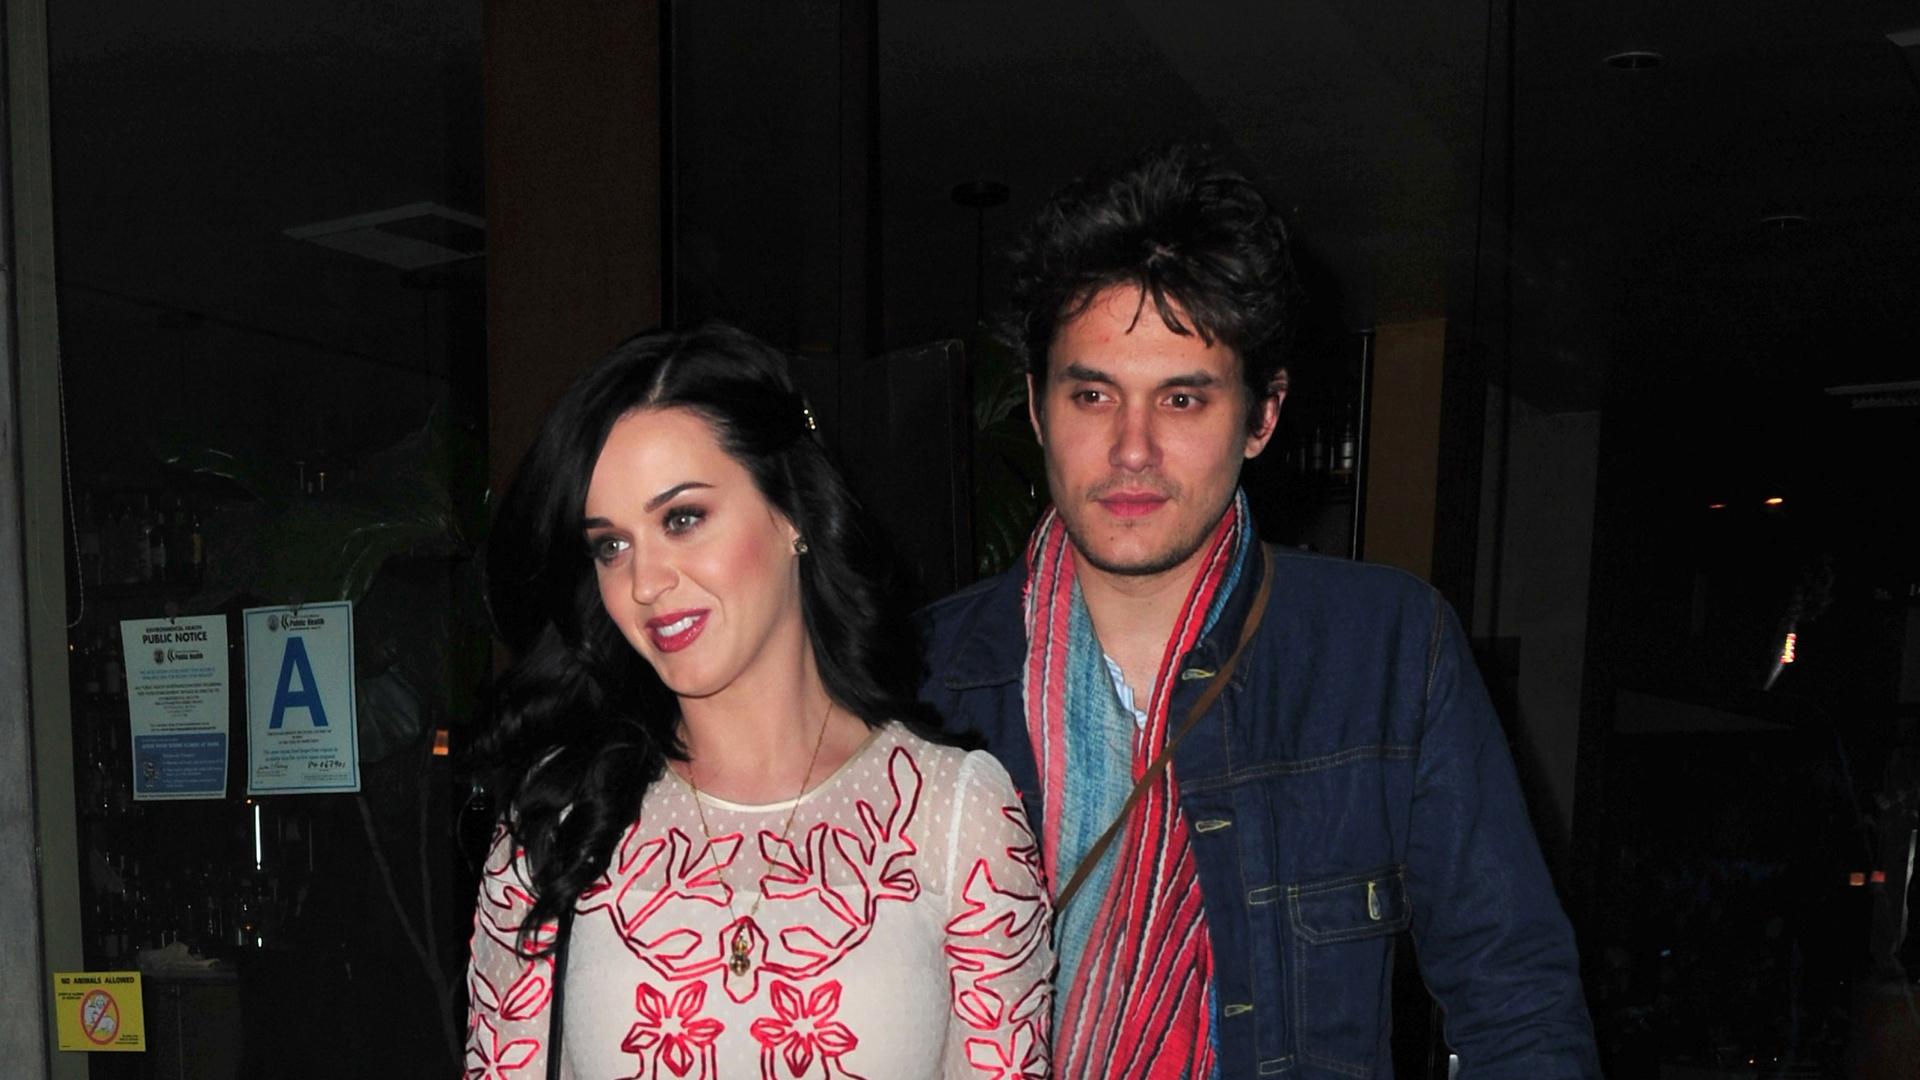 14.fev.2013 - Na noite do Valentine's Day, Katy Perry e John Mayer são flagrados saindo de restaurante em Los Angeles. A cantora segurava uma sacola na mão